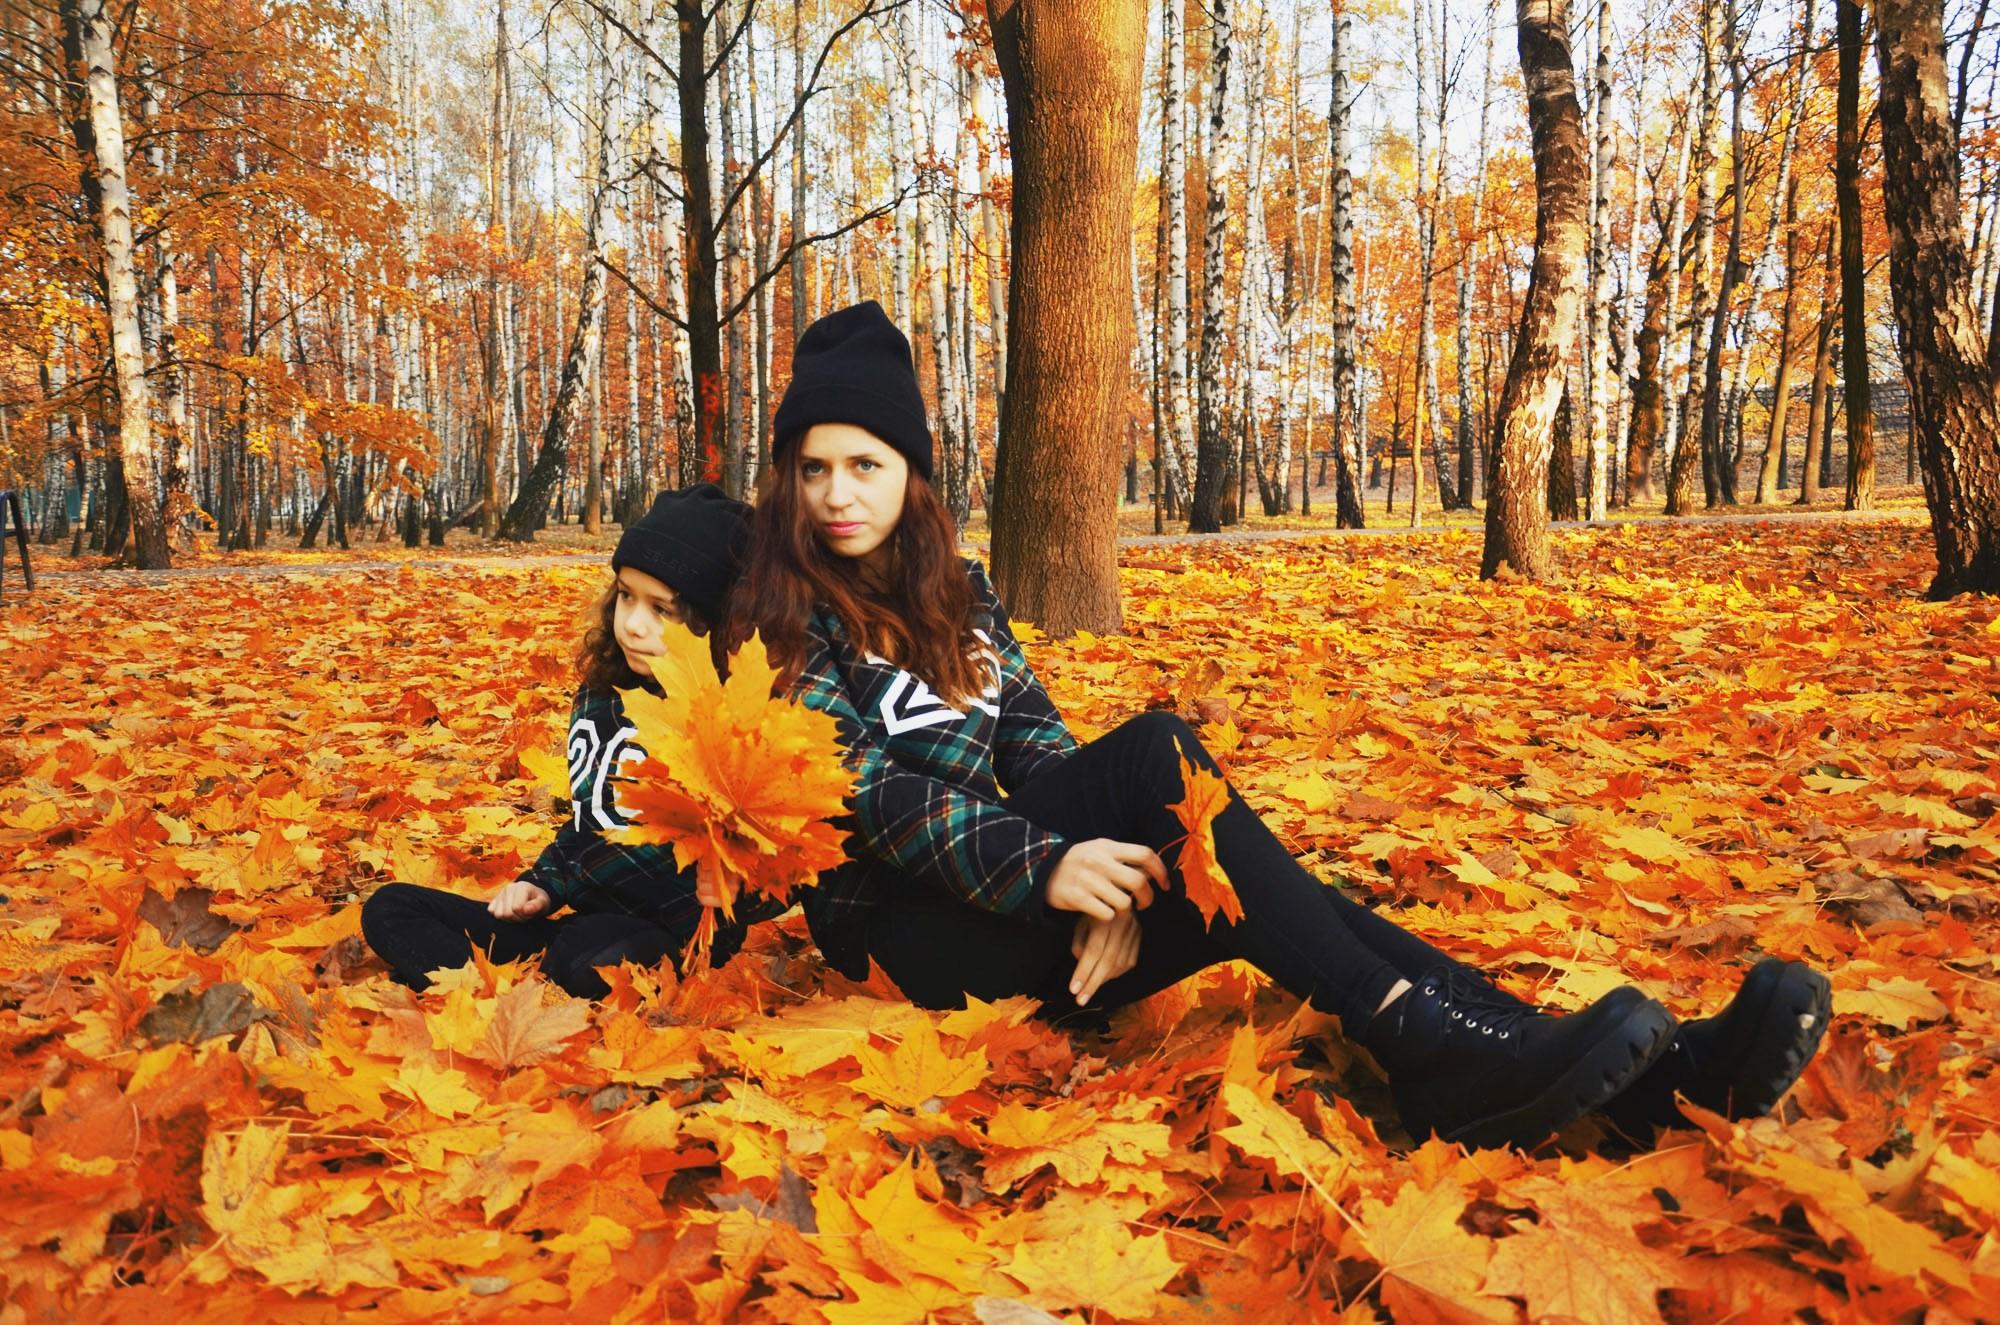 Fallen leaves | Ola Brzeska